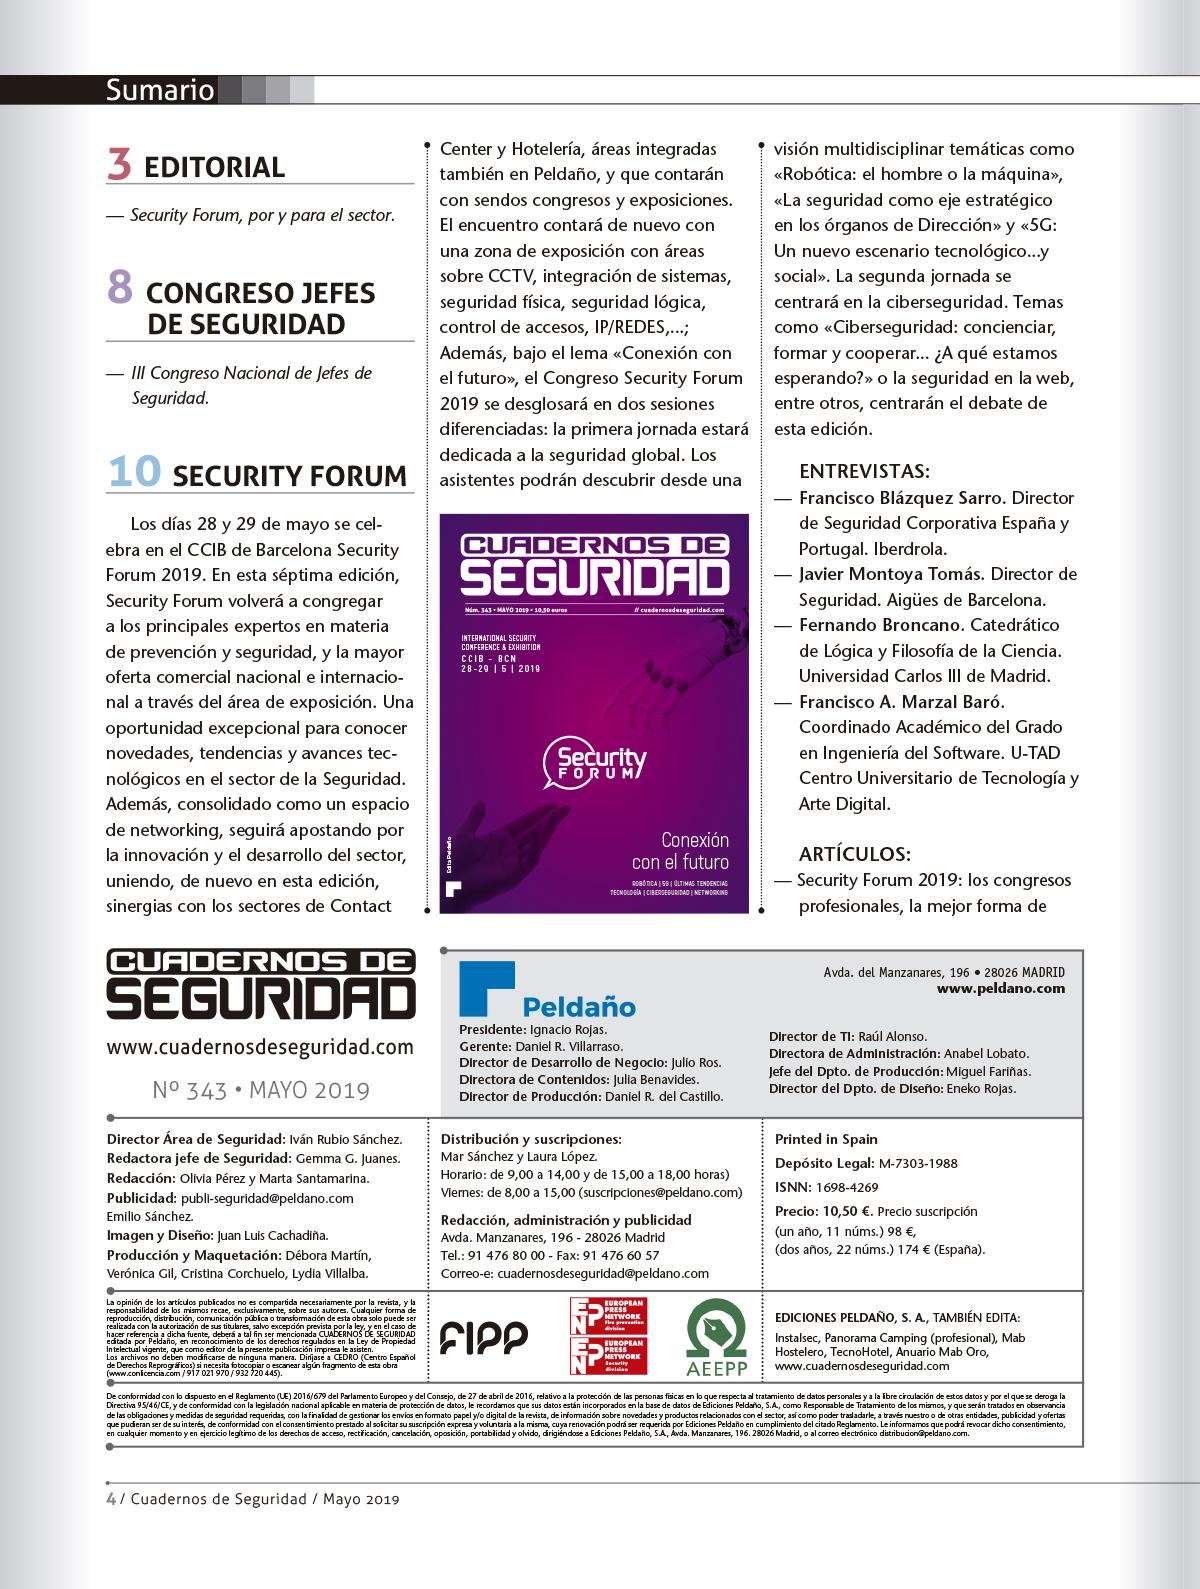 Cuadernos de Seguridad Nº 343